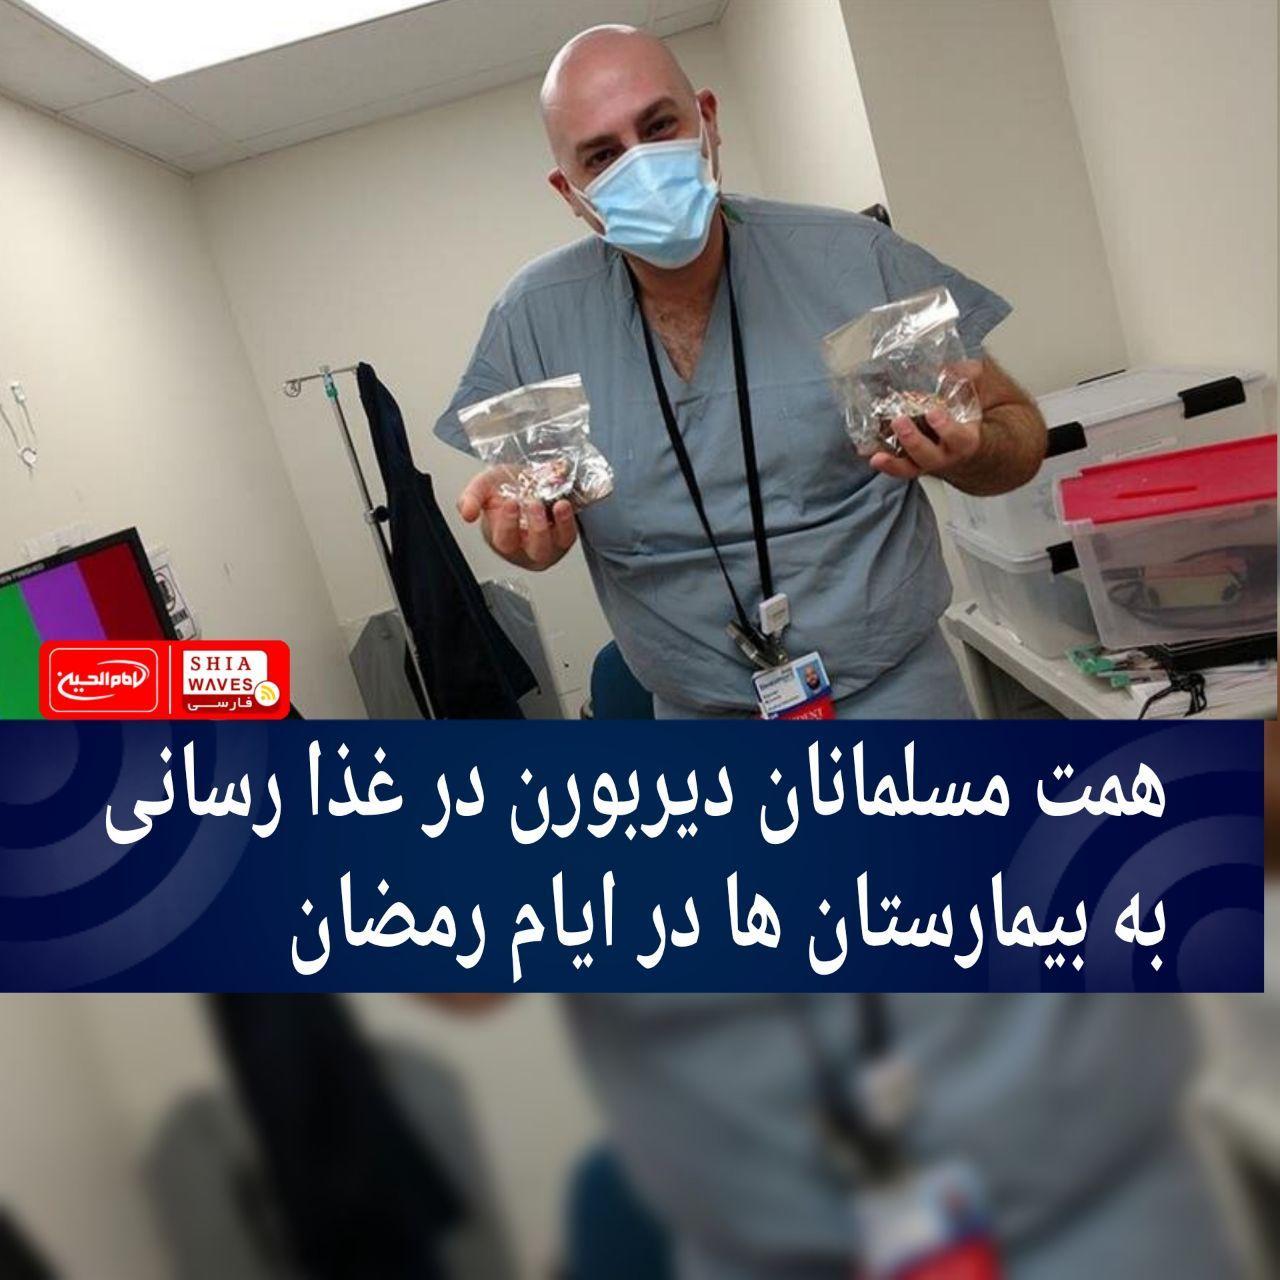 تصویر همت مسلمانان دیربورن در غذارسانی به بیمارستان ها در ایام رمضان